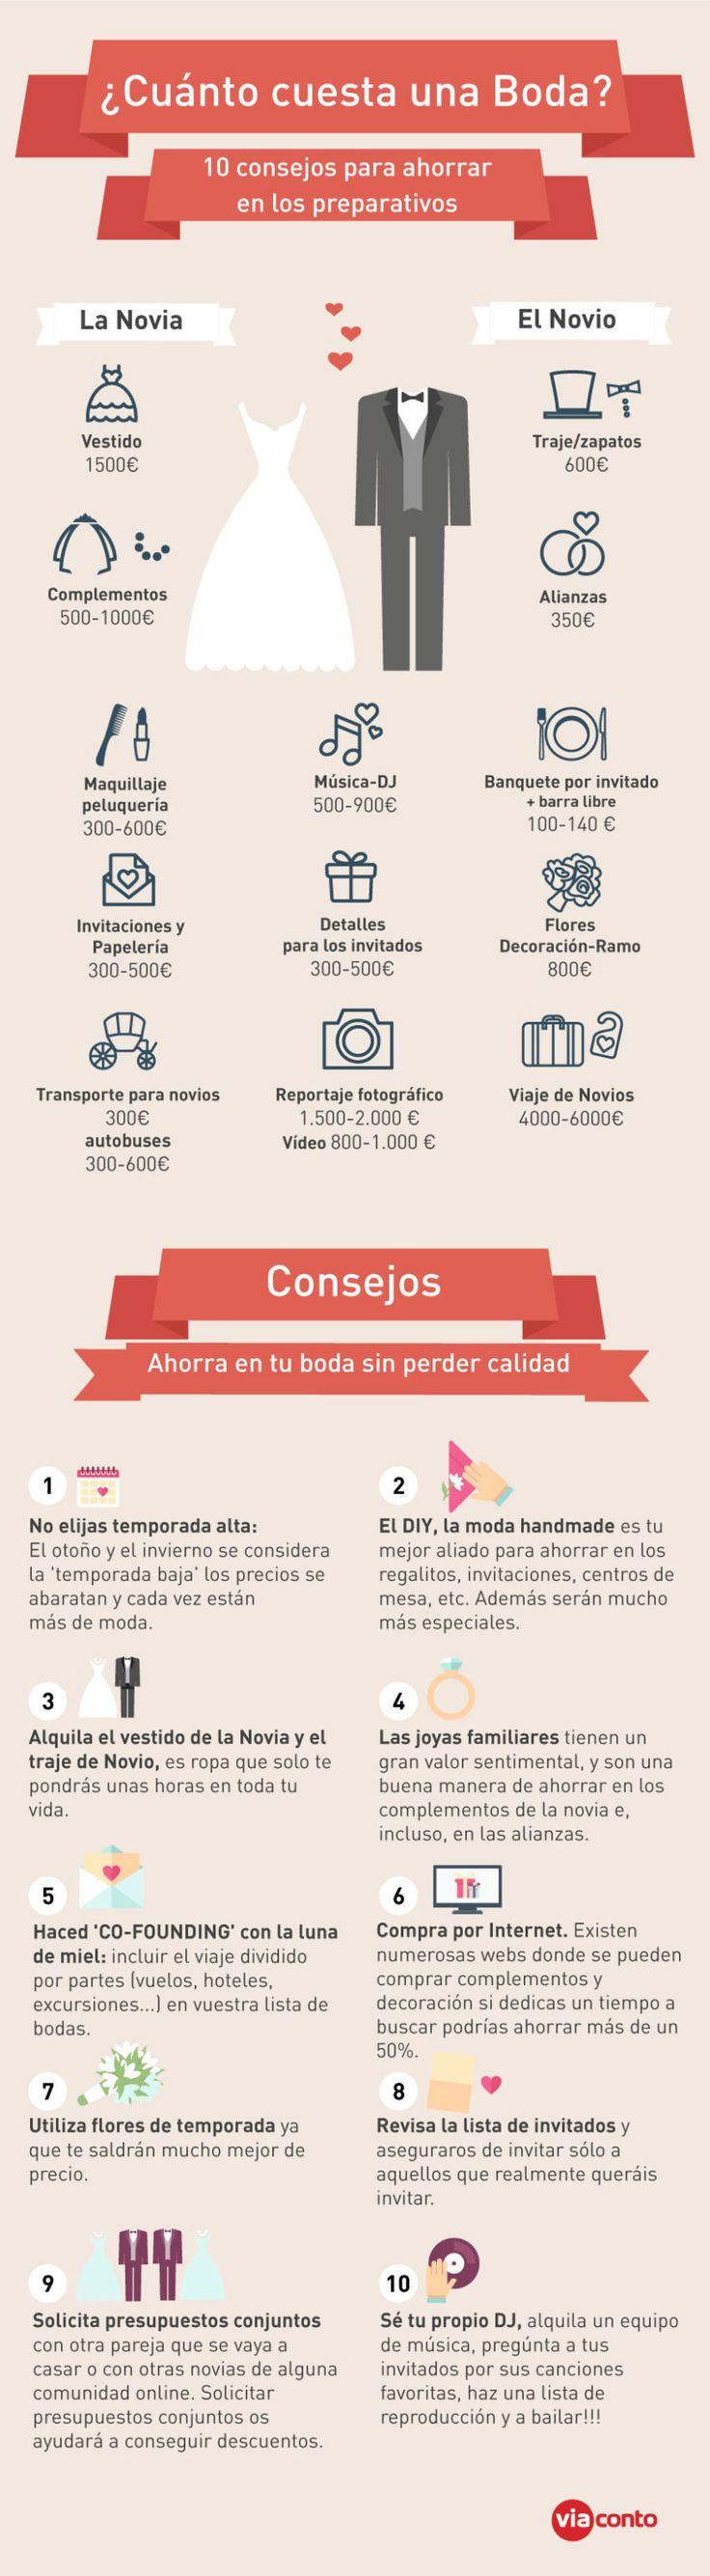 ¿Cuánto Cuesta una Boda Realmente? Te presentamos las cifras. #boda #bodas #infografias